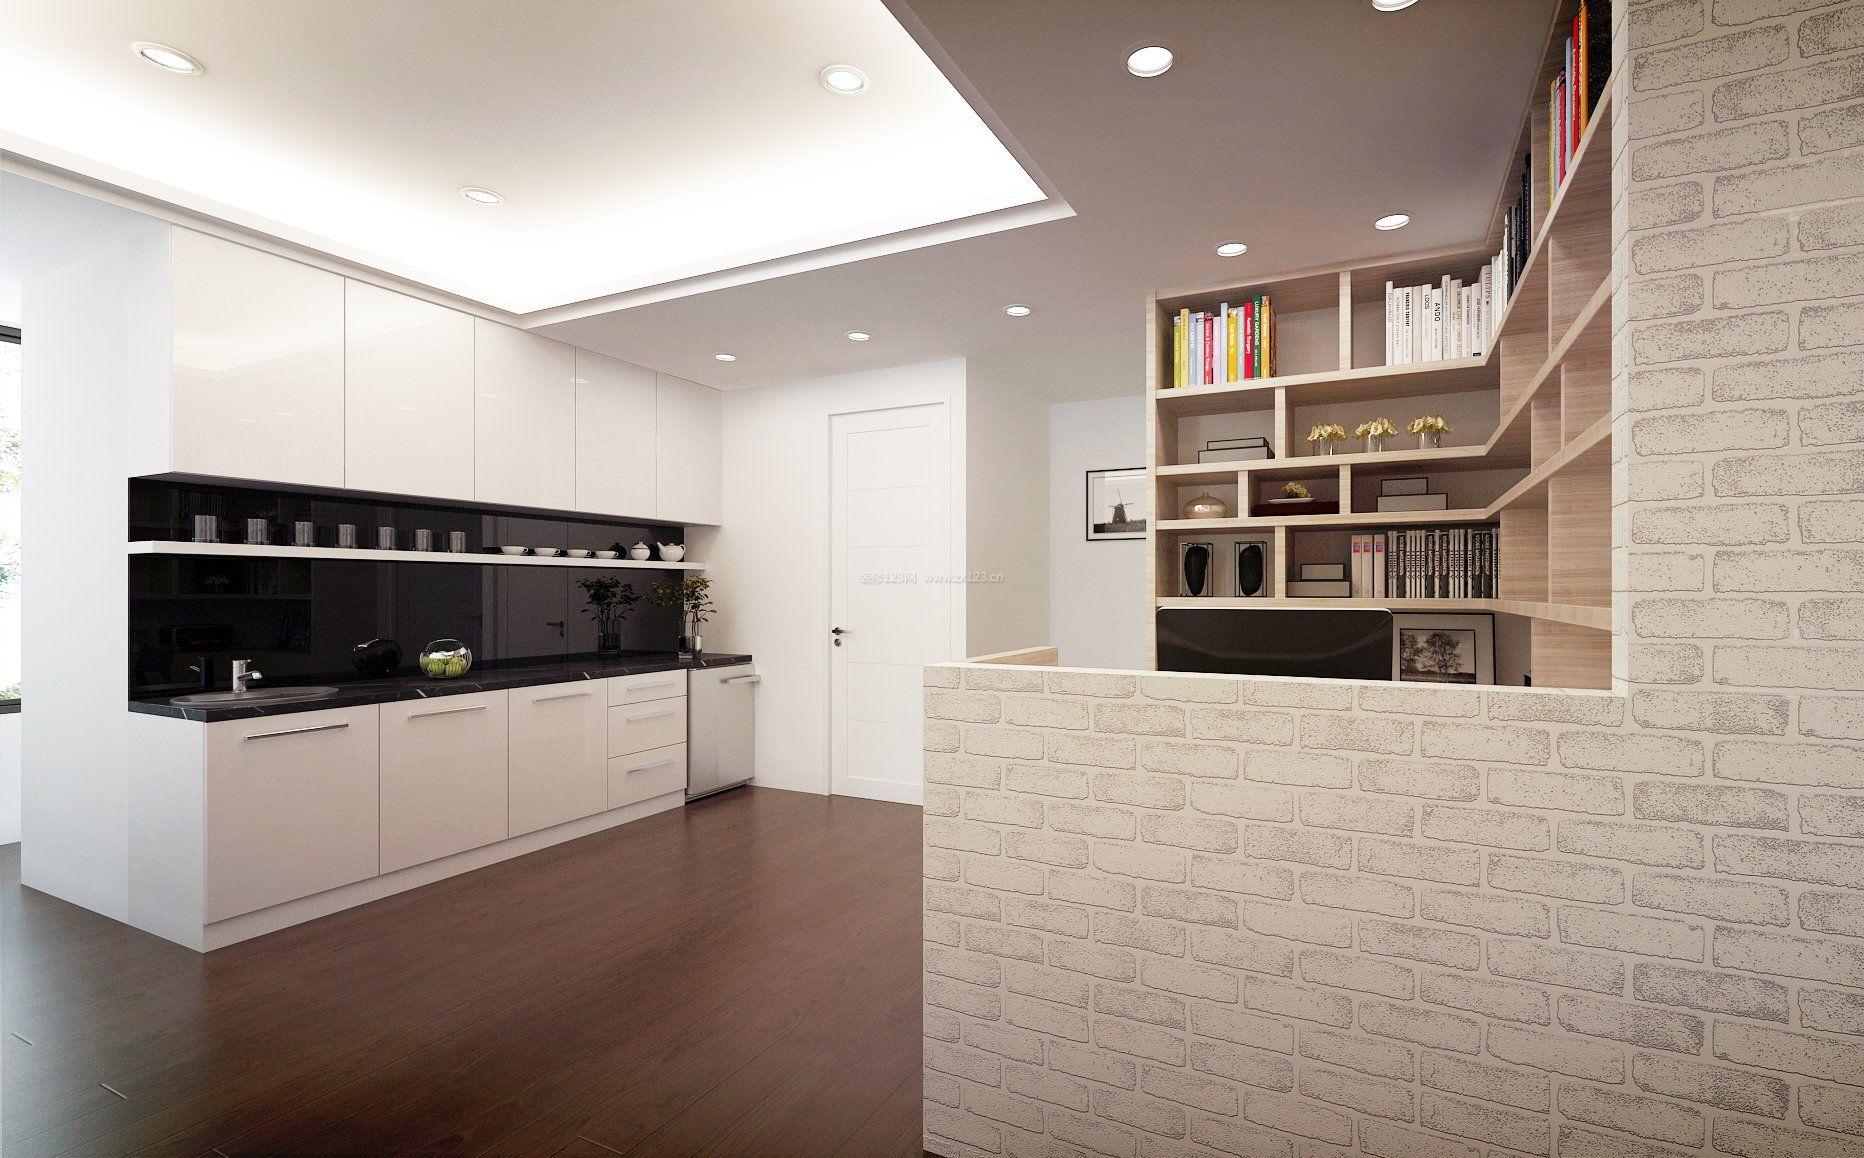 怎样装修房子现代风格